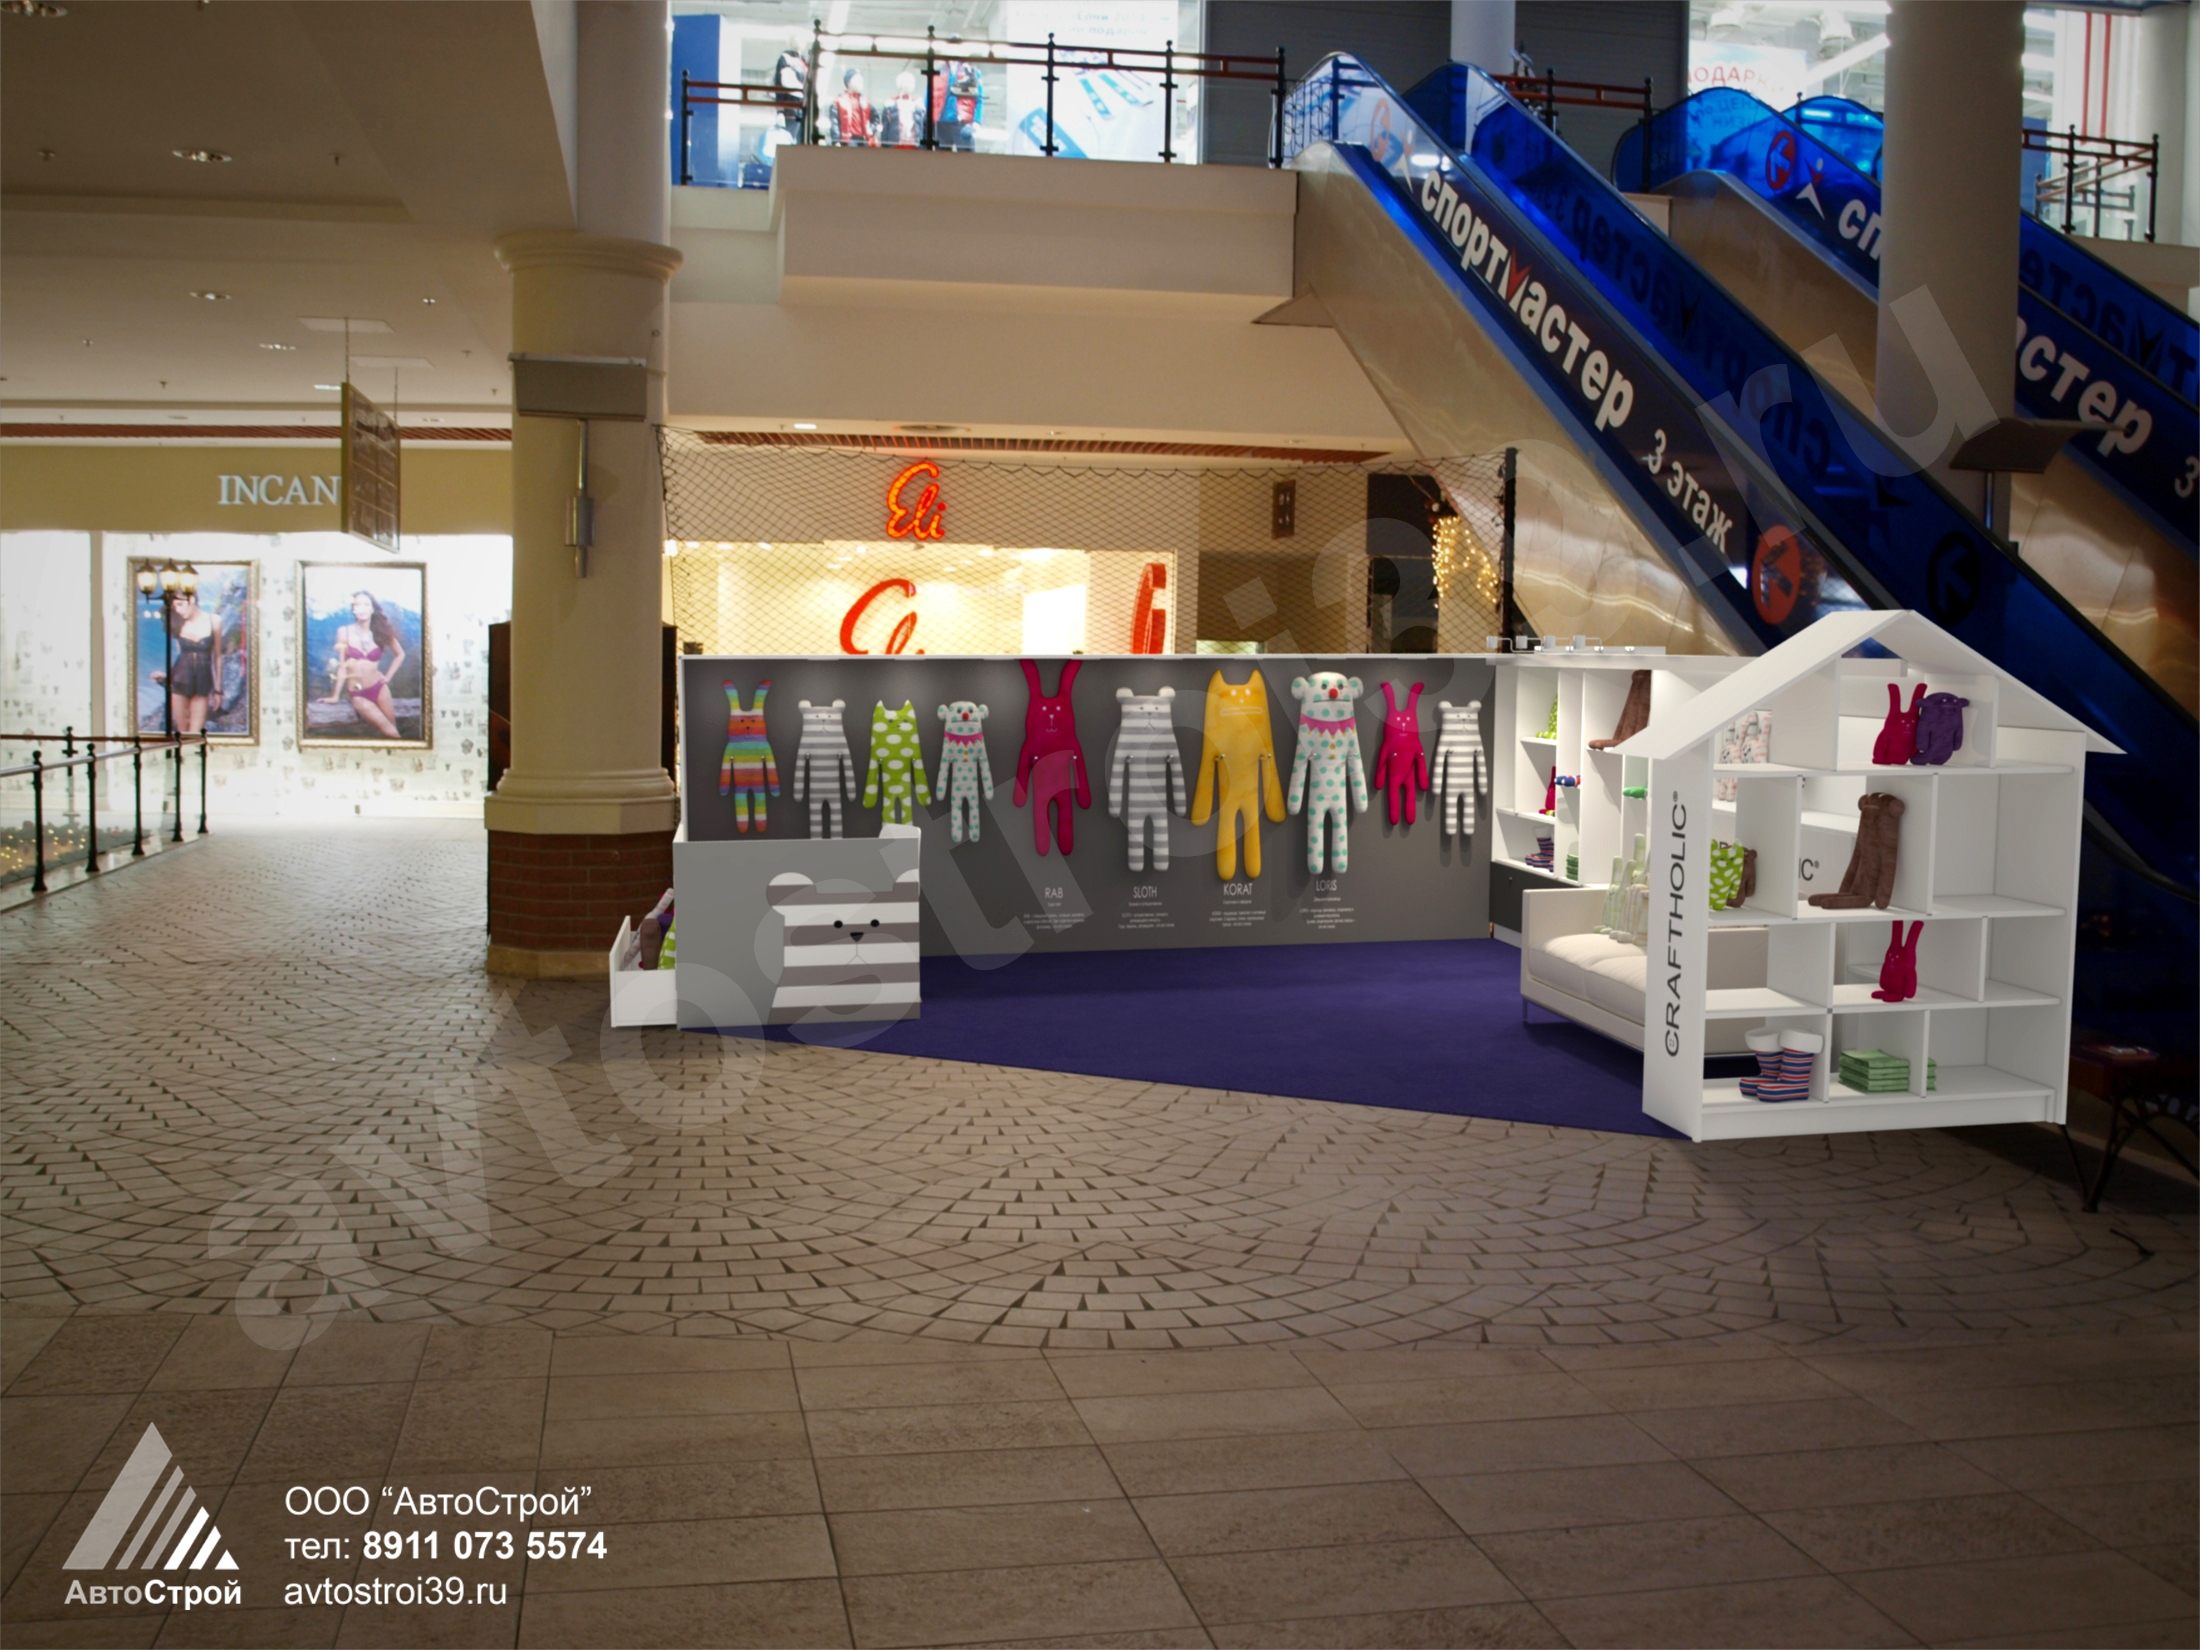 дизайн интерьера магазина в г. Калининград